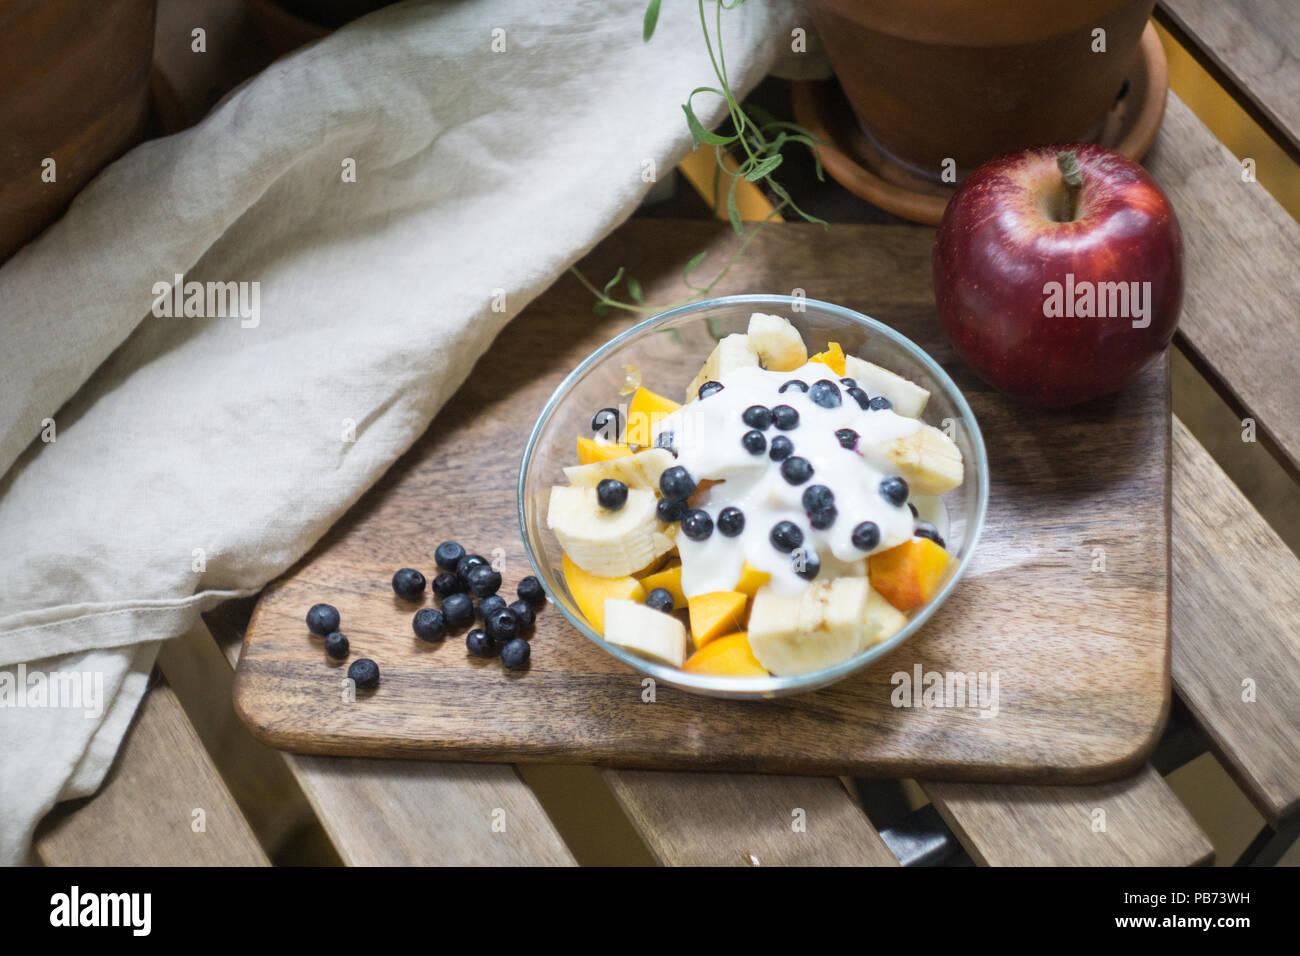 Haferflocken Oder Müsli Mit Joghurt Und Obst Und Beeren Pfirsich